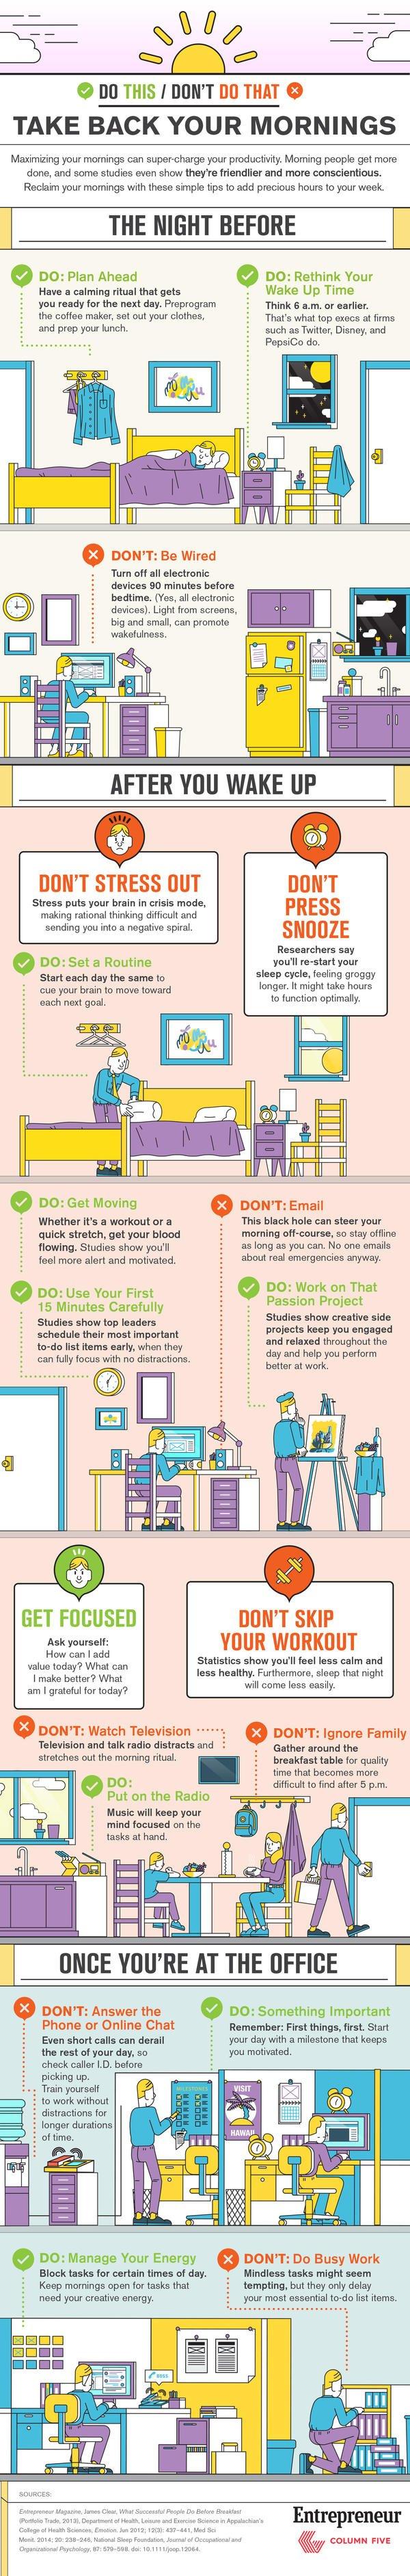 Consejos para aprovechar la mañana y ser más productivo